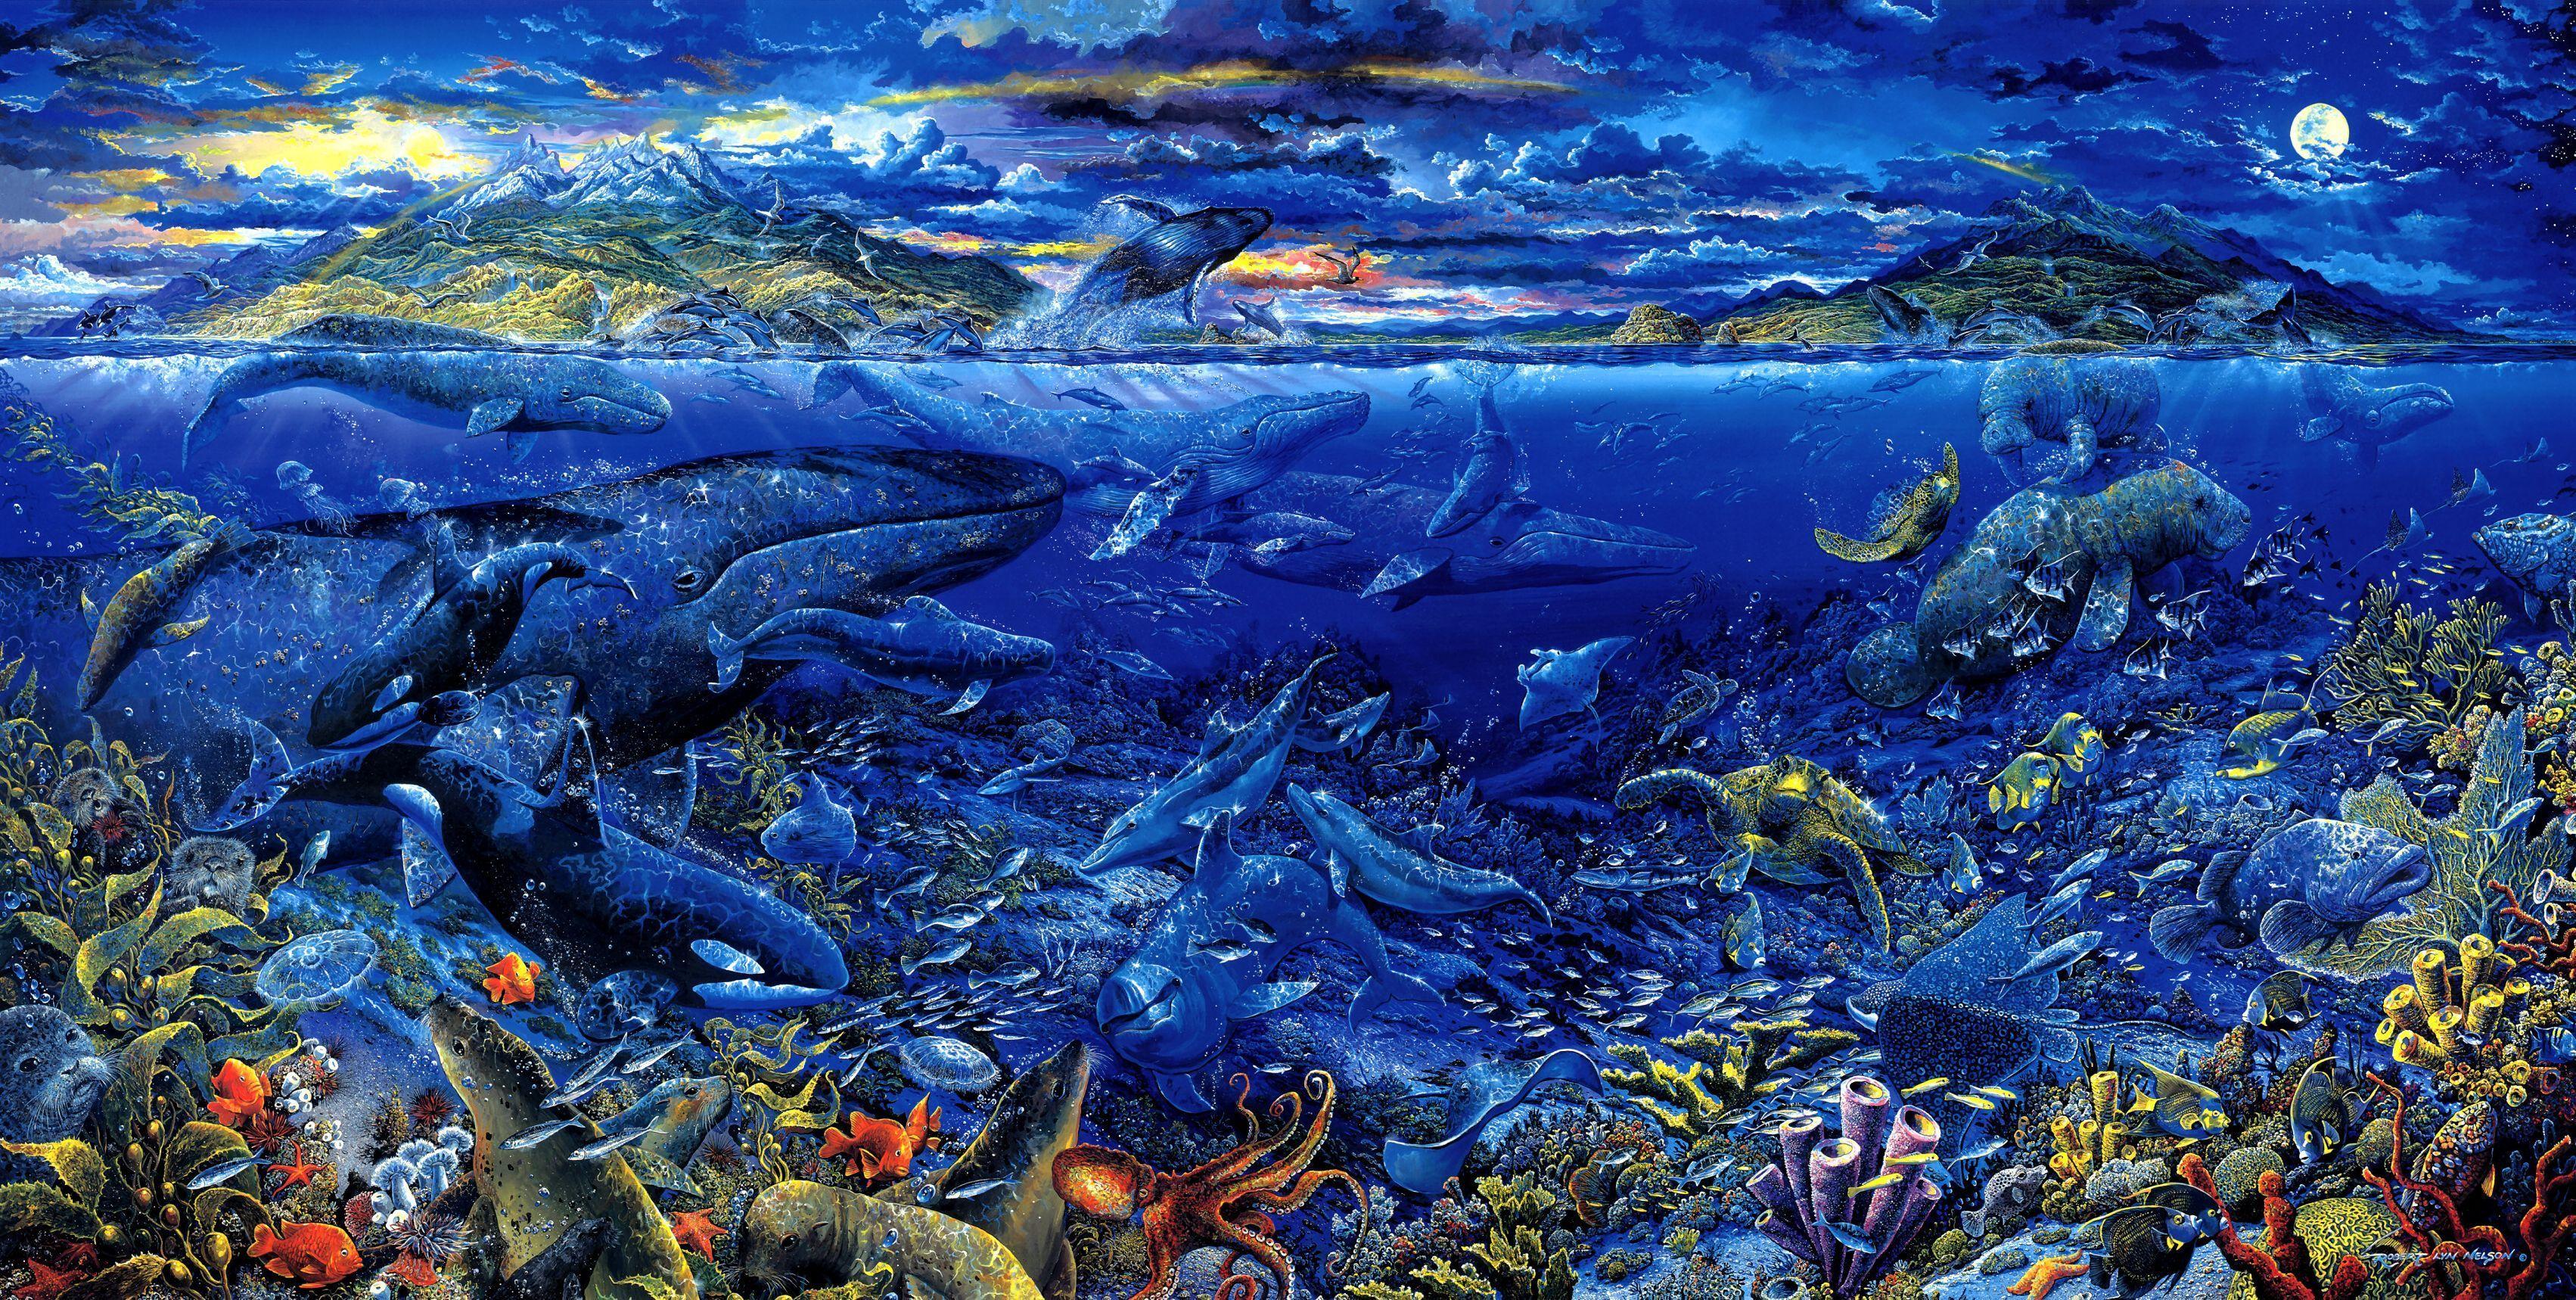 Sea Life Wallpaper For Desktop Wallpapersafari